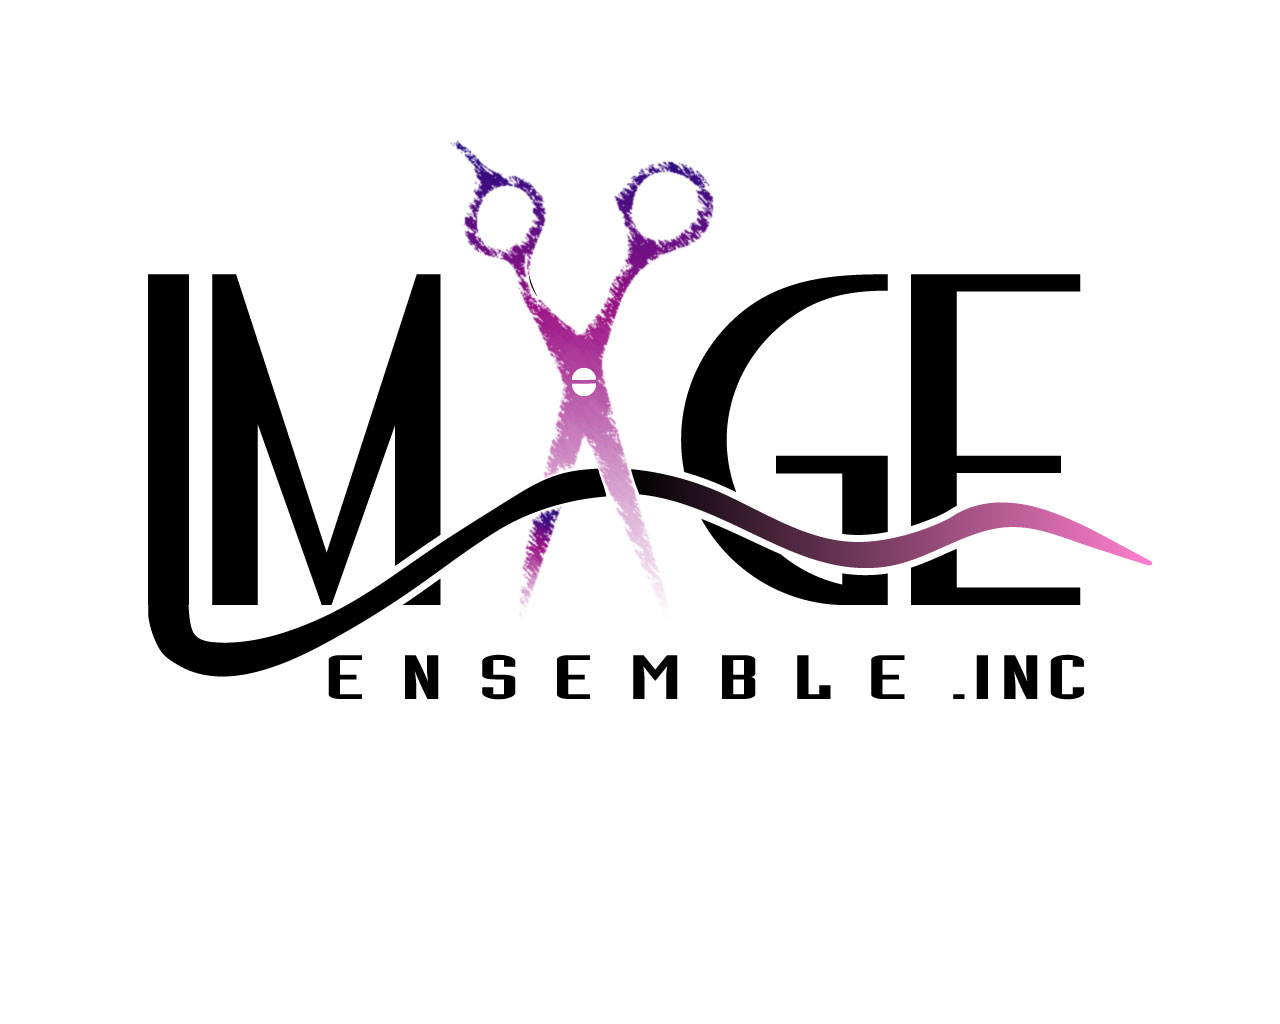 image-ensemble-logo2